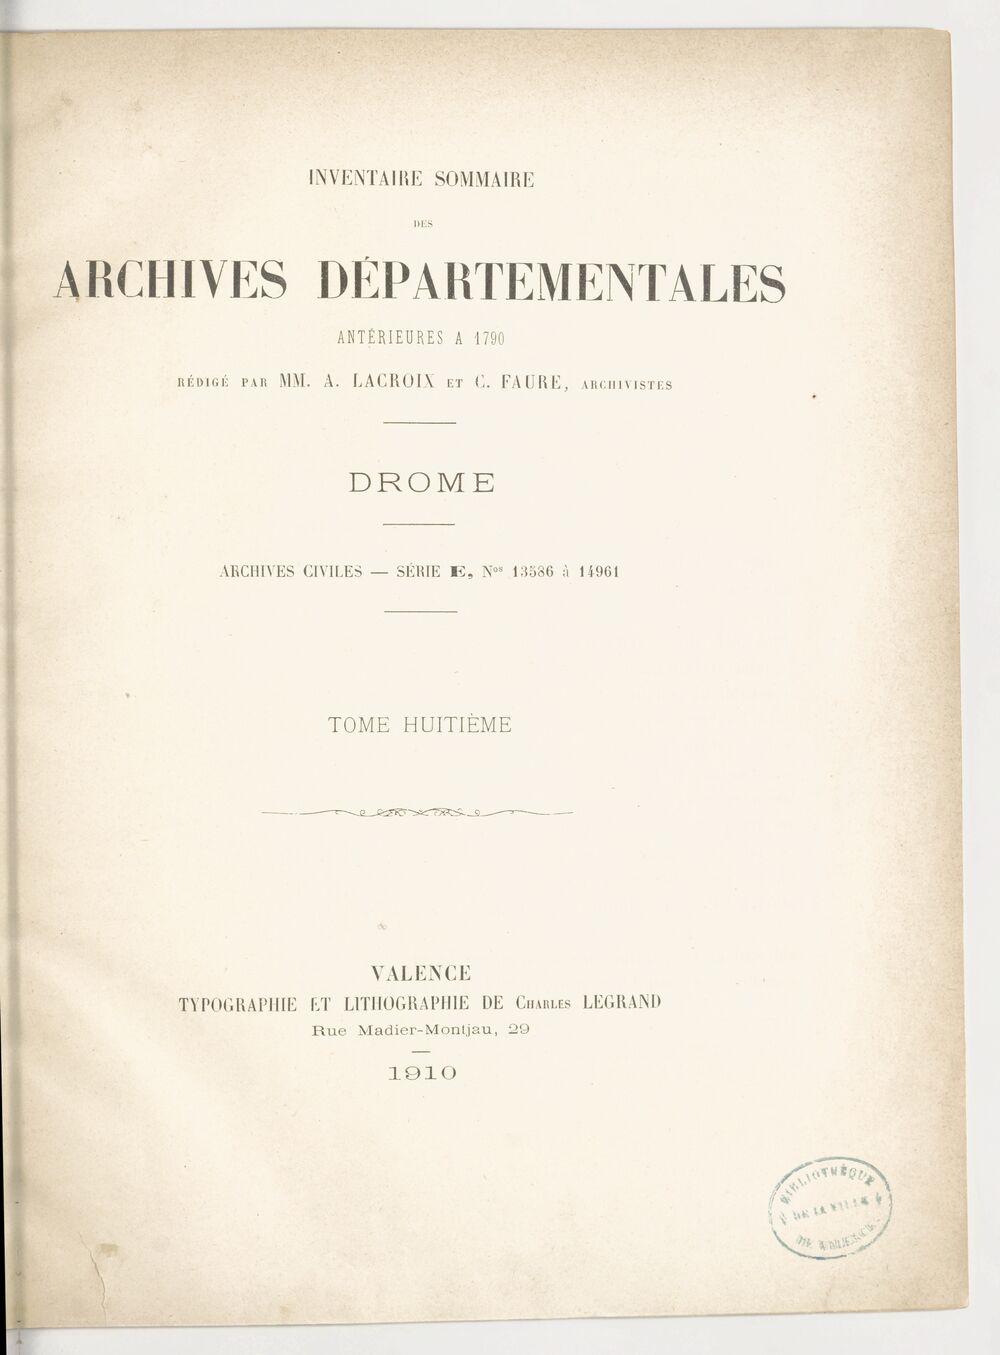 Inventaire sommaire des archives départementales antérieures à 1790. Drôme. Archives civiles. Tome VIII. Série E, nos 13586 à 14961 / rédigé par MM. A. Lacroix et C. Faure